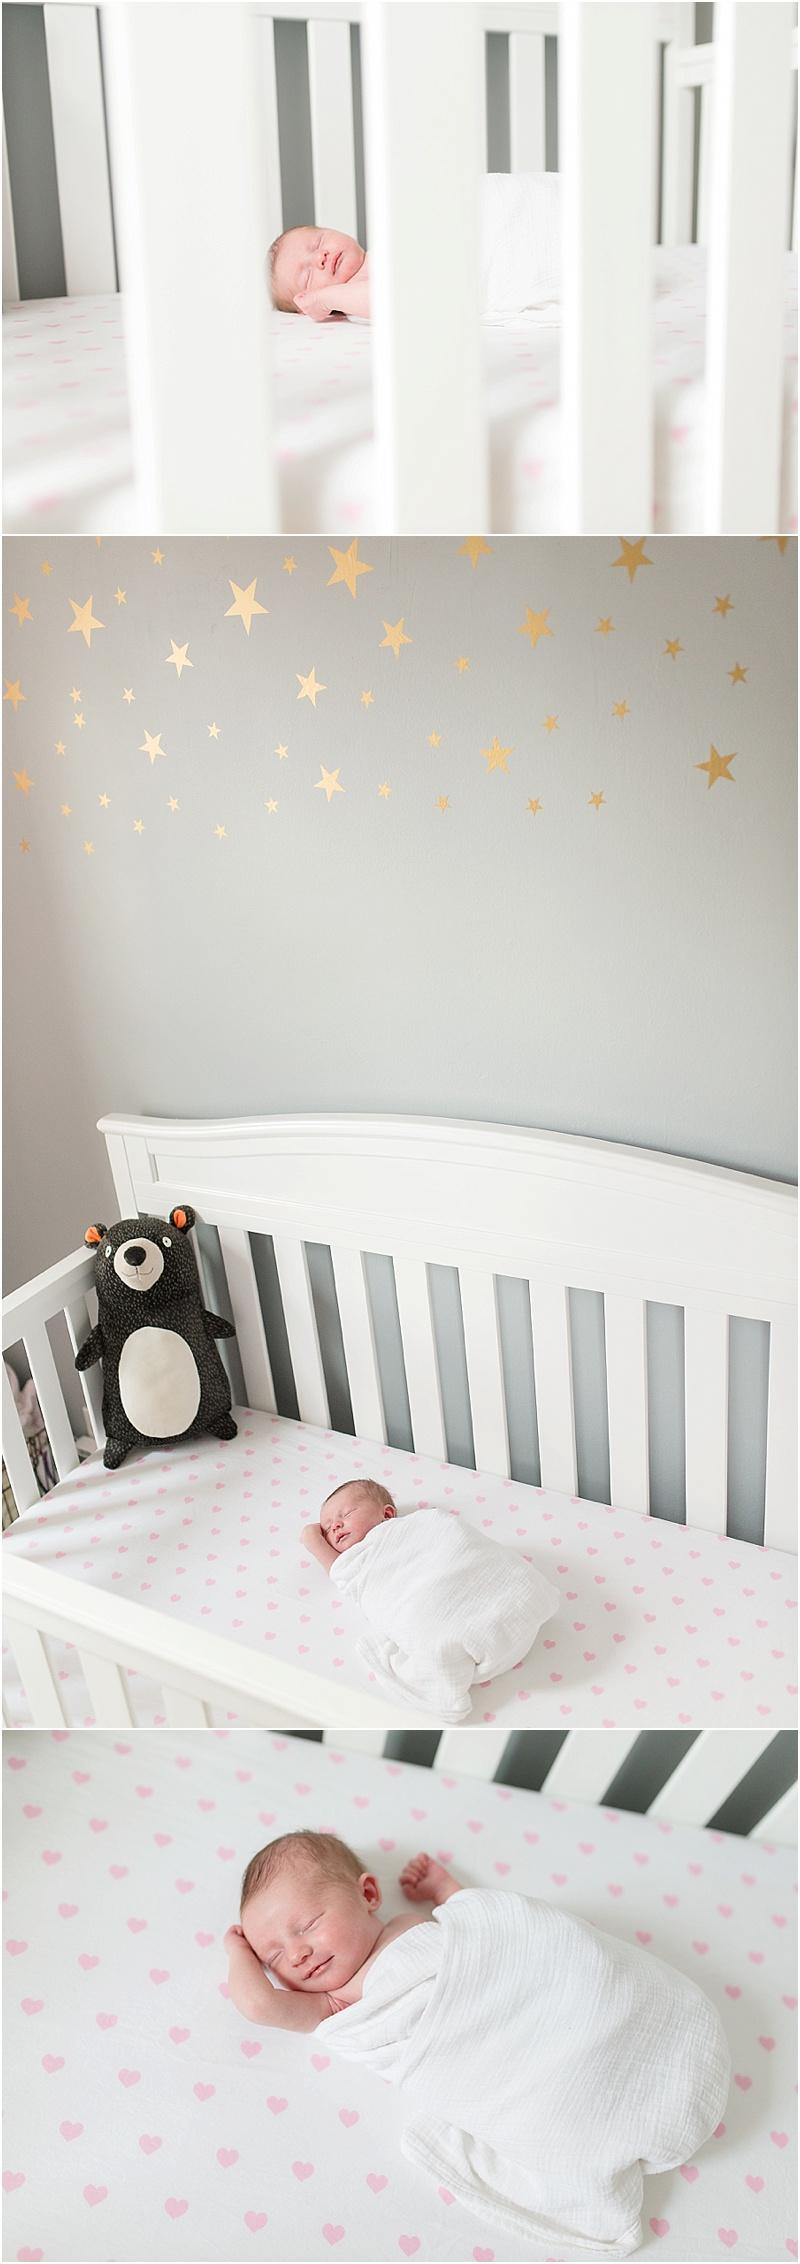 yeary newborn-22.jpg